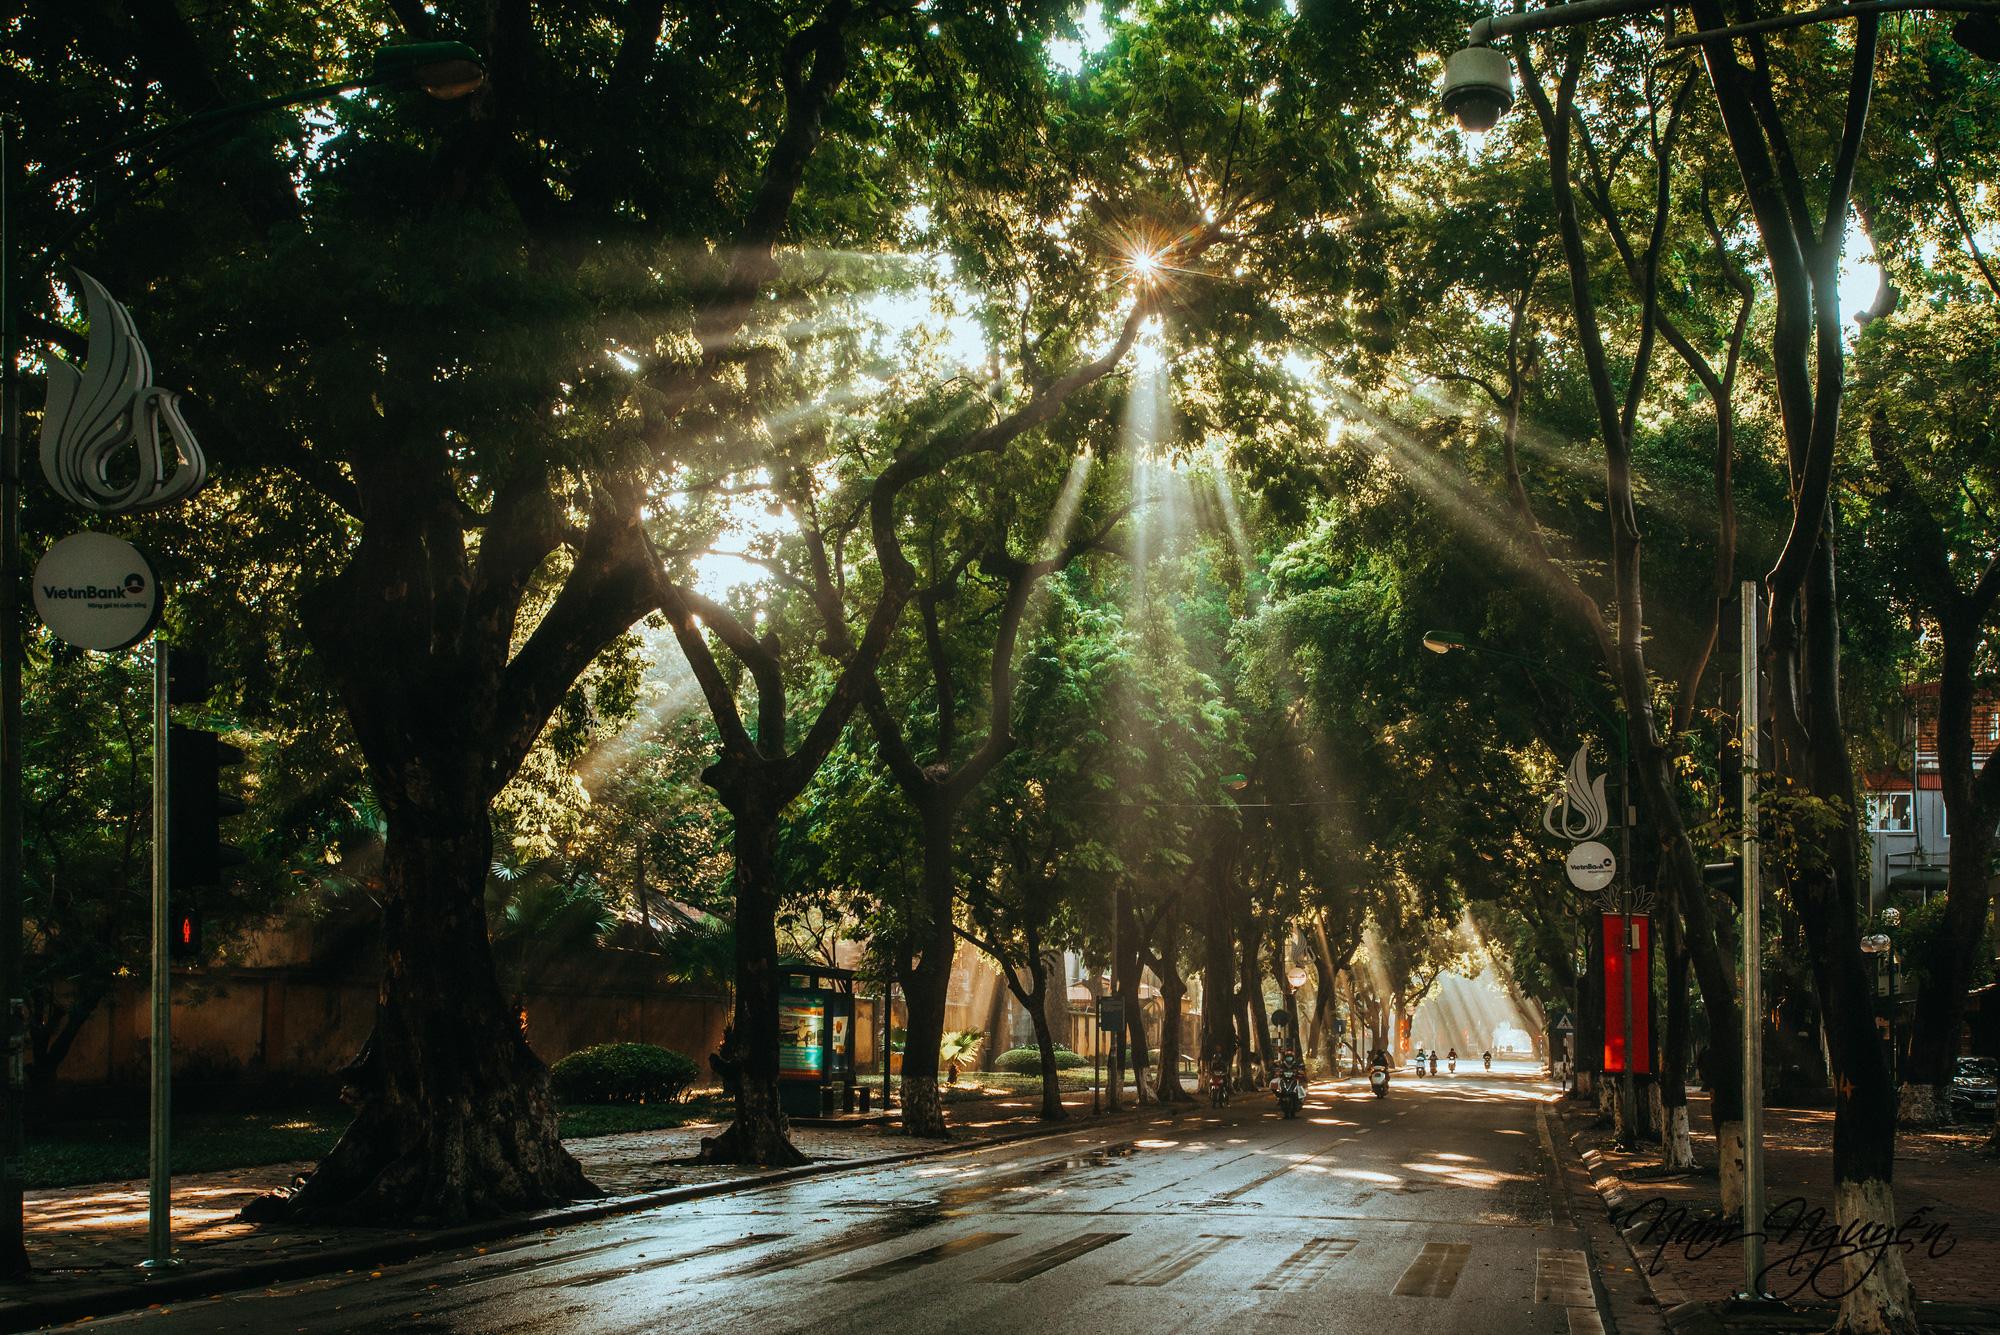 Say đắm trước vẻ đẹp của mùa thu Hà Nội - Ảnh 15.